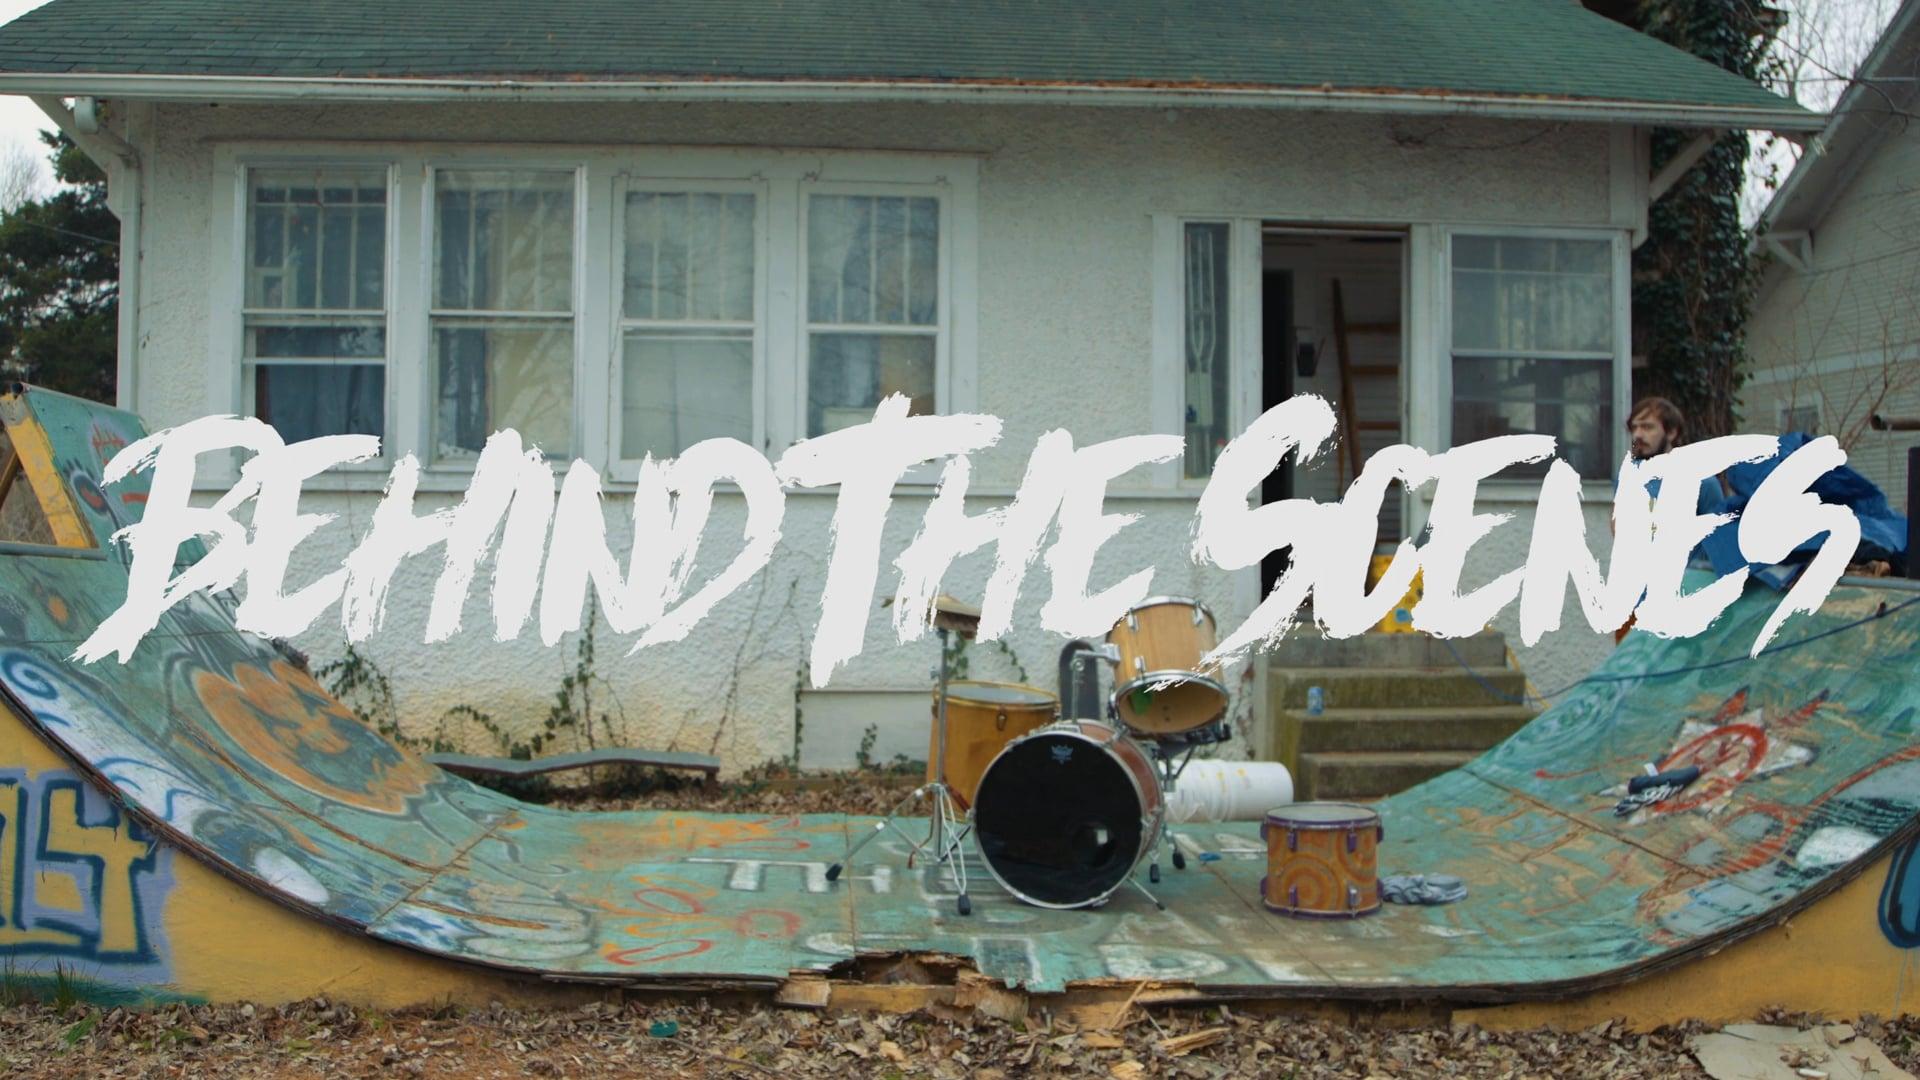 Gigantic | Skankenstein - Behind the Scenes